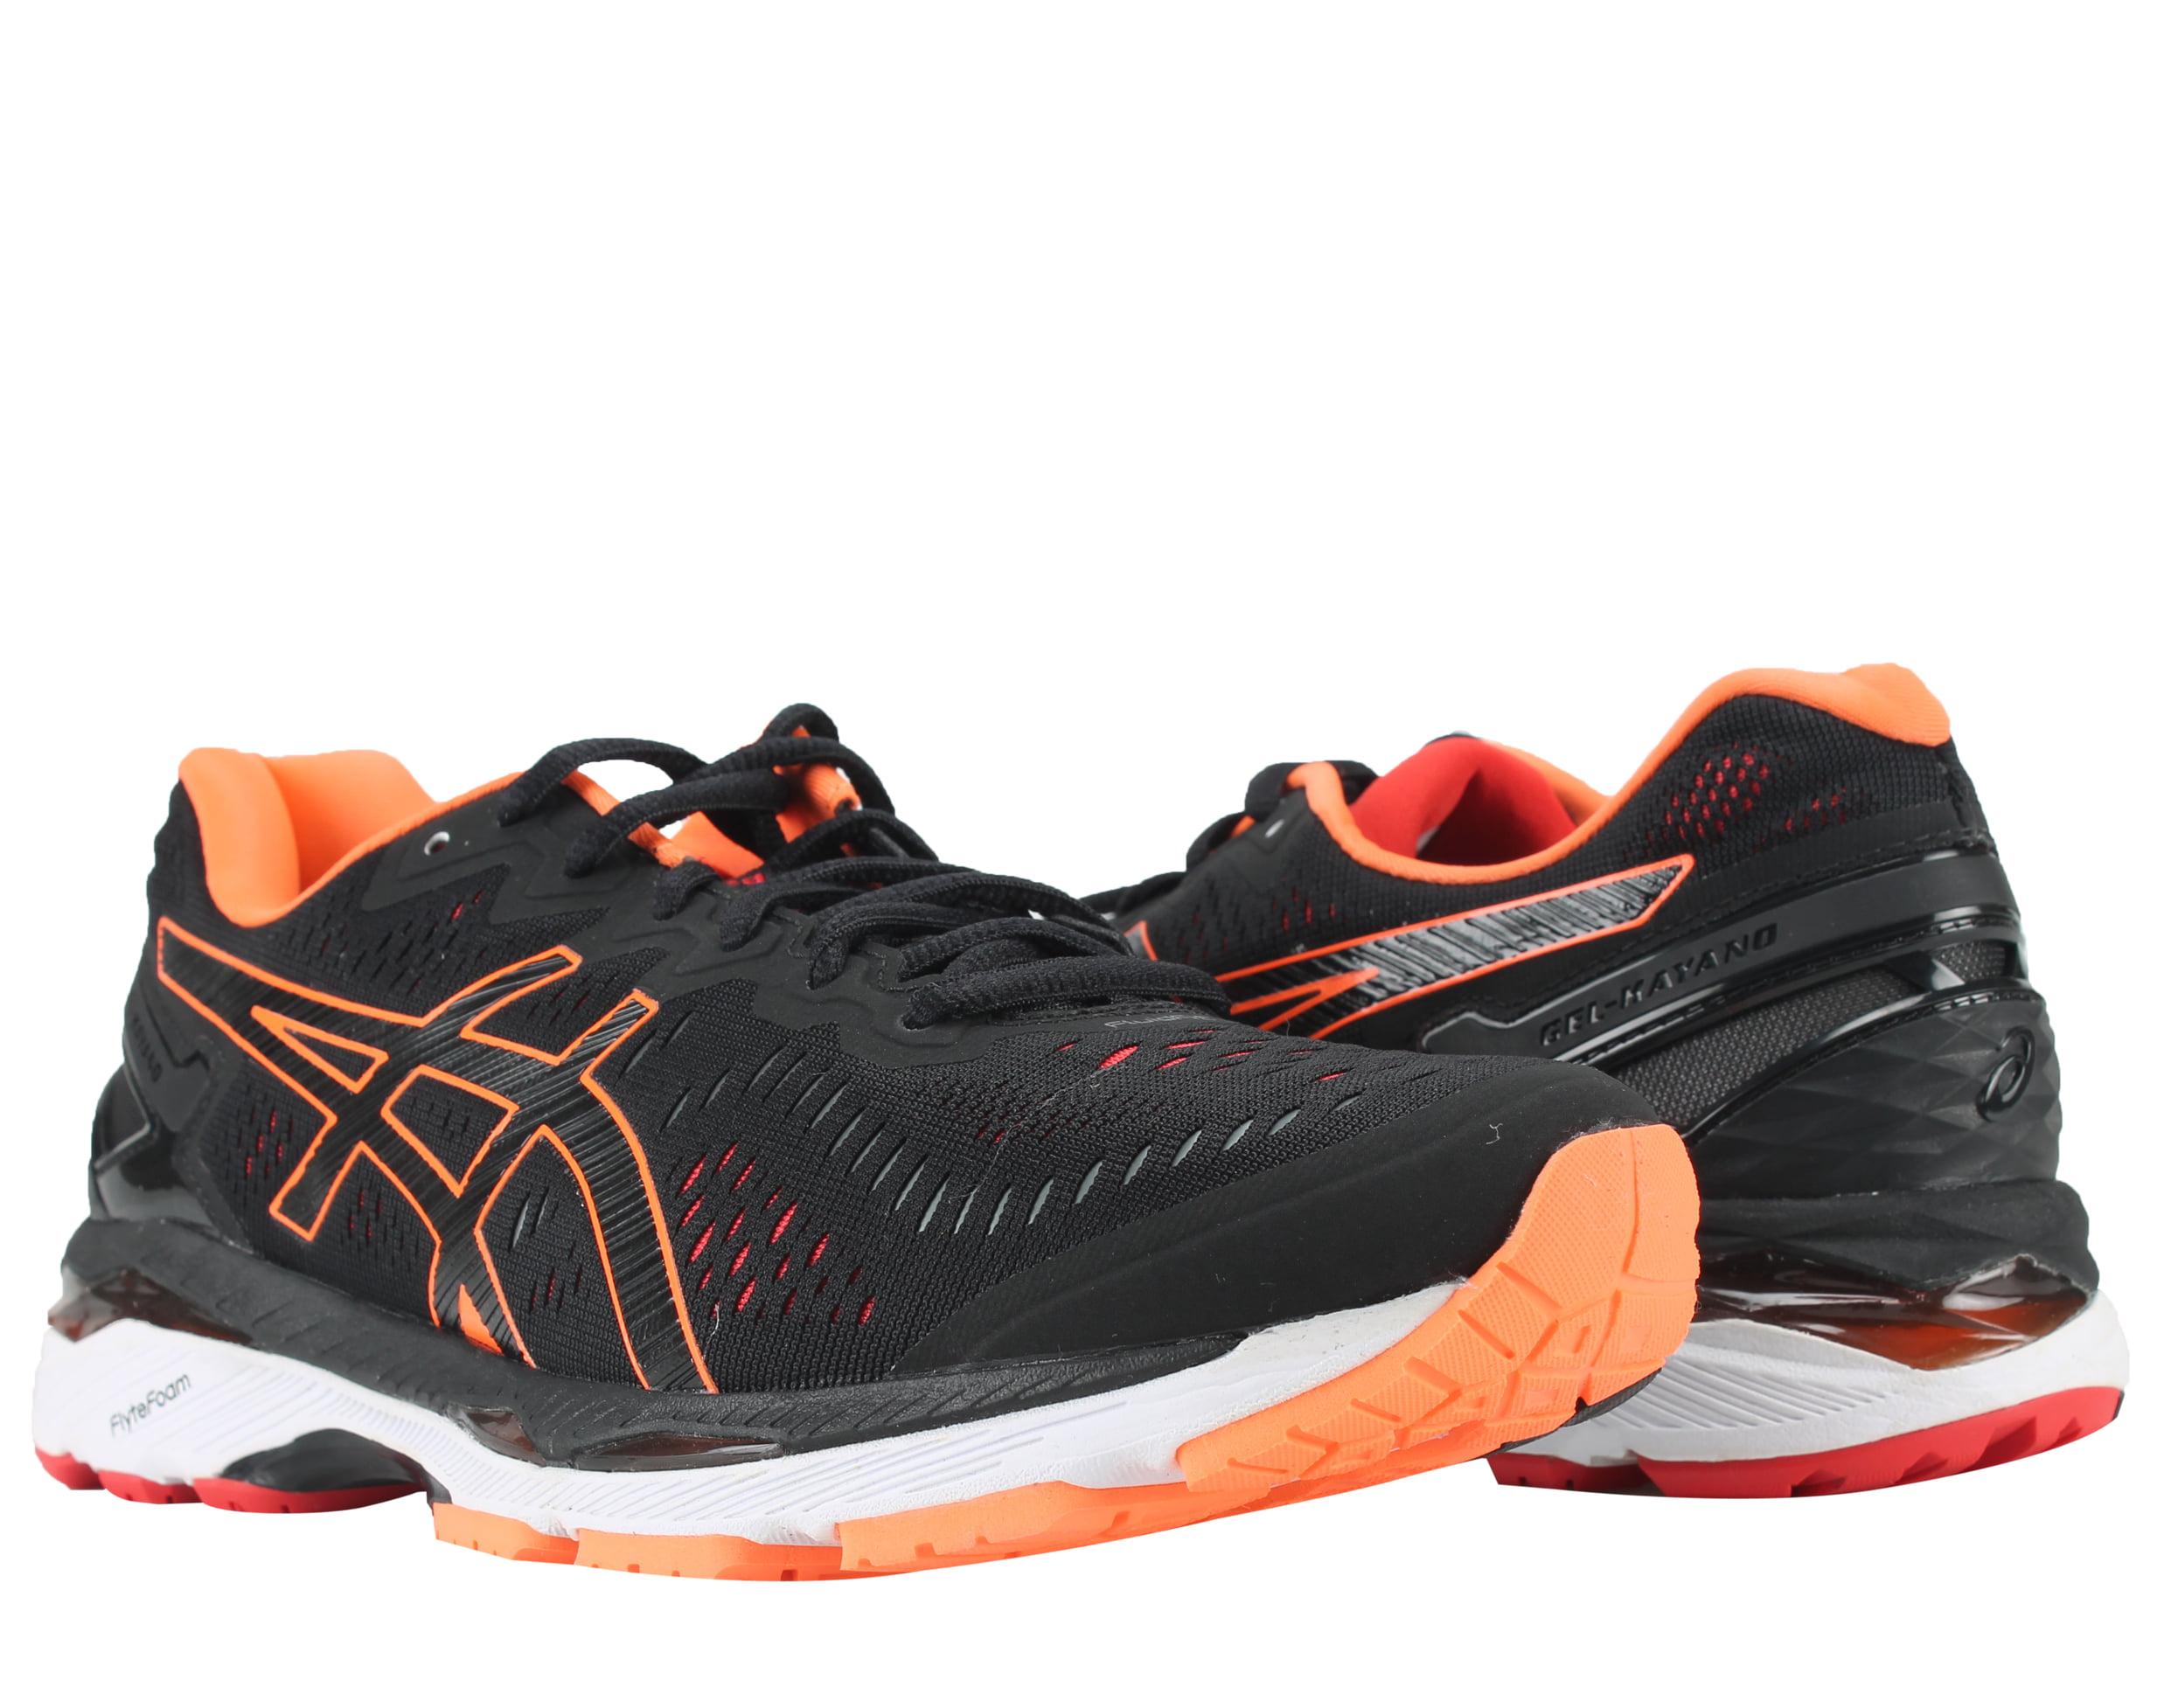 Asics Gel-Kayano 23 Black Hot Orange Vermilion Men's Running Shoes T646N-9030 by